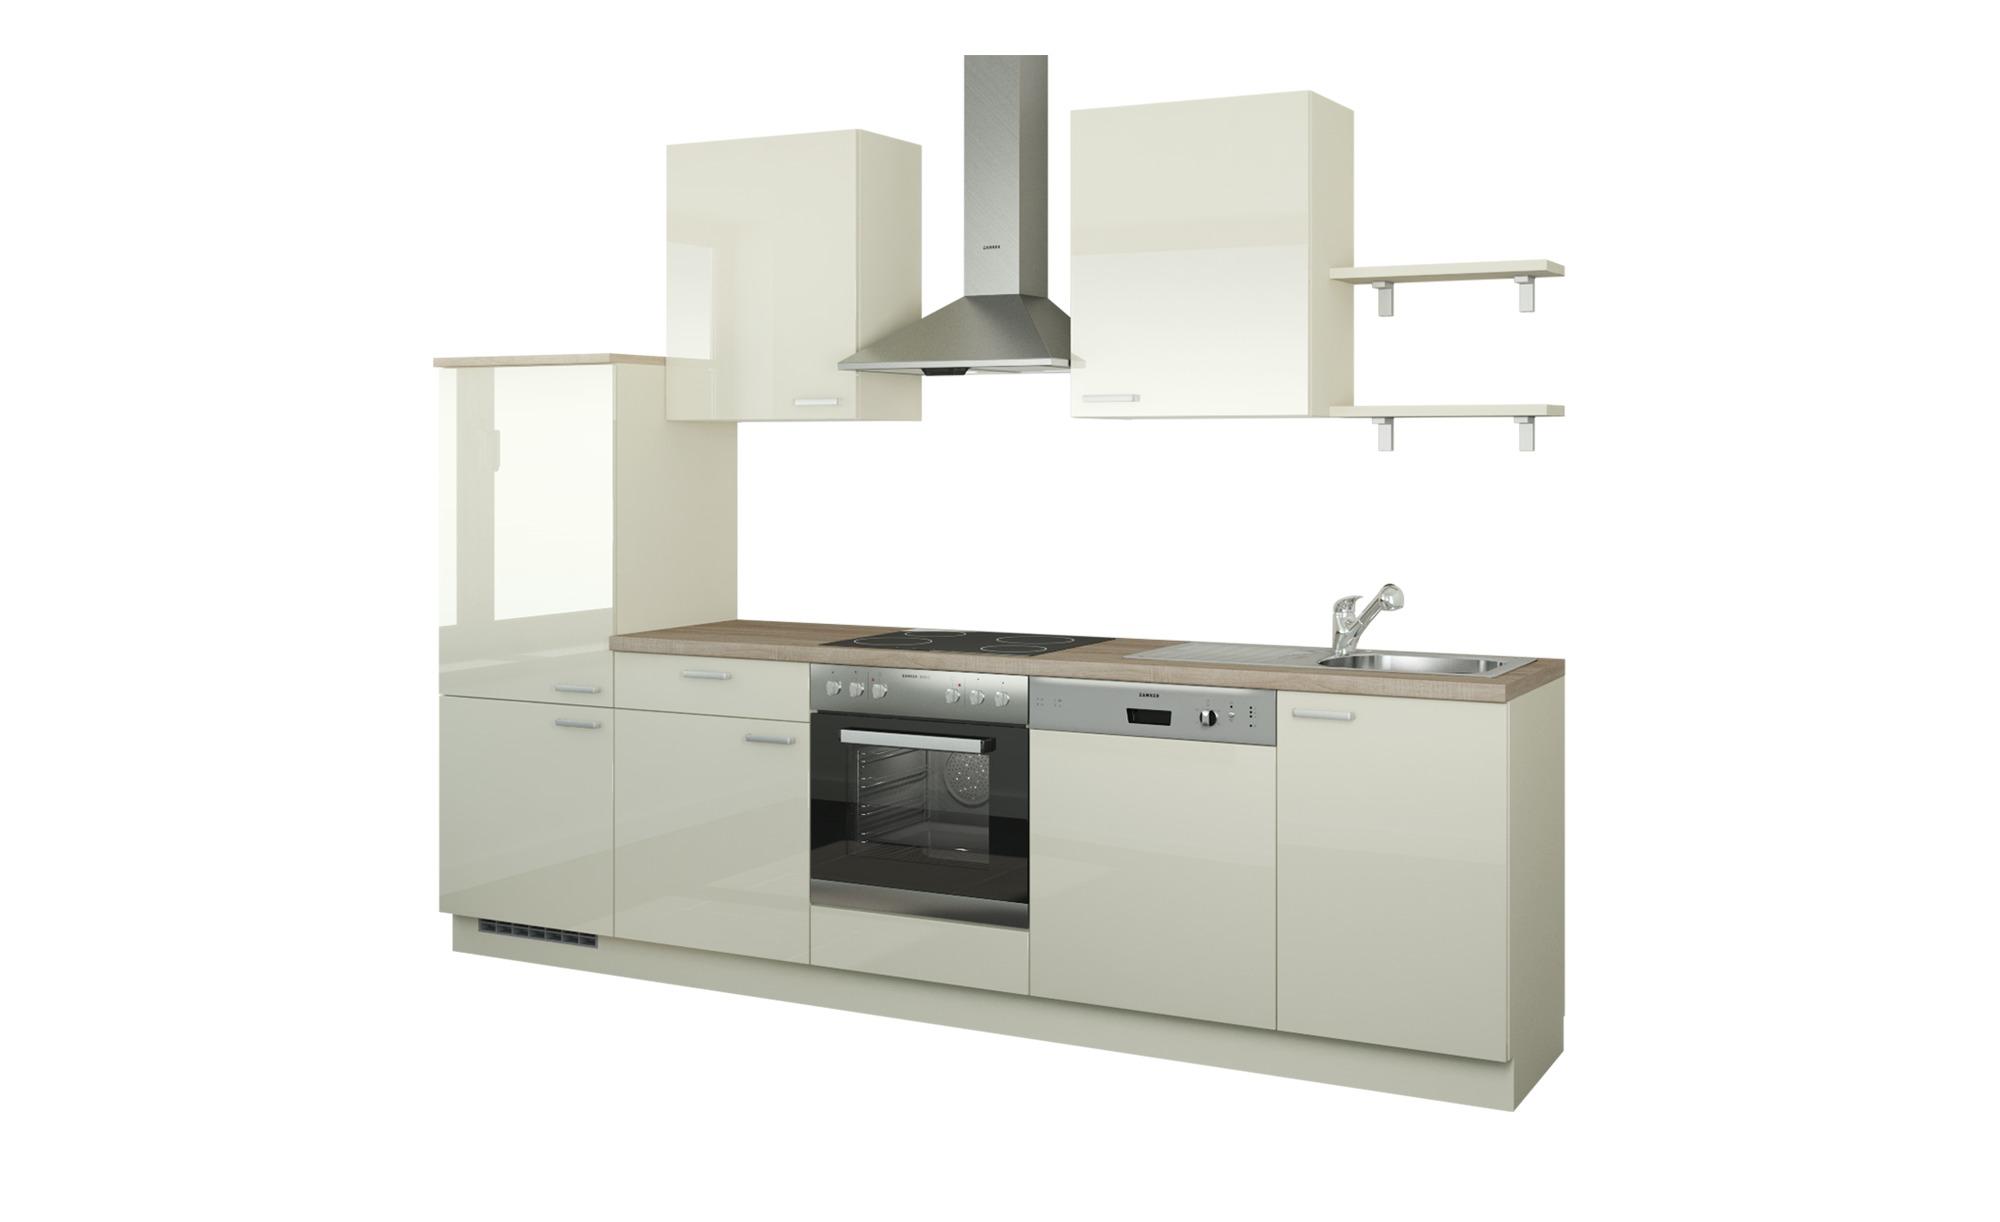 Küchenzeile Ohne Elektrogeräte Köln Magnolia Creme Ausführung Links